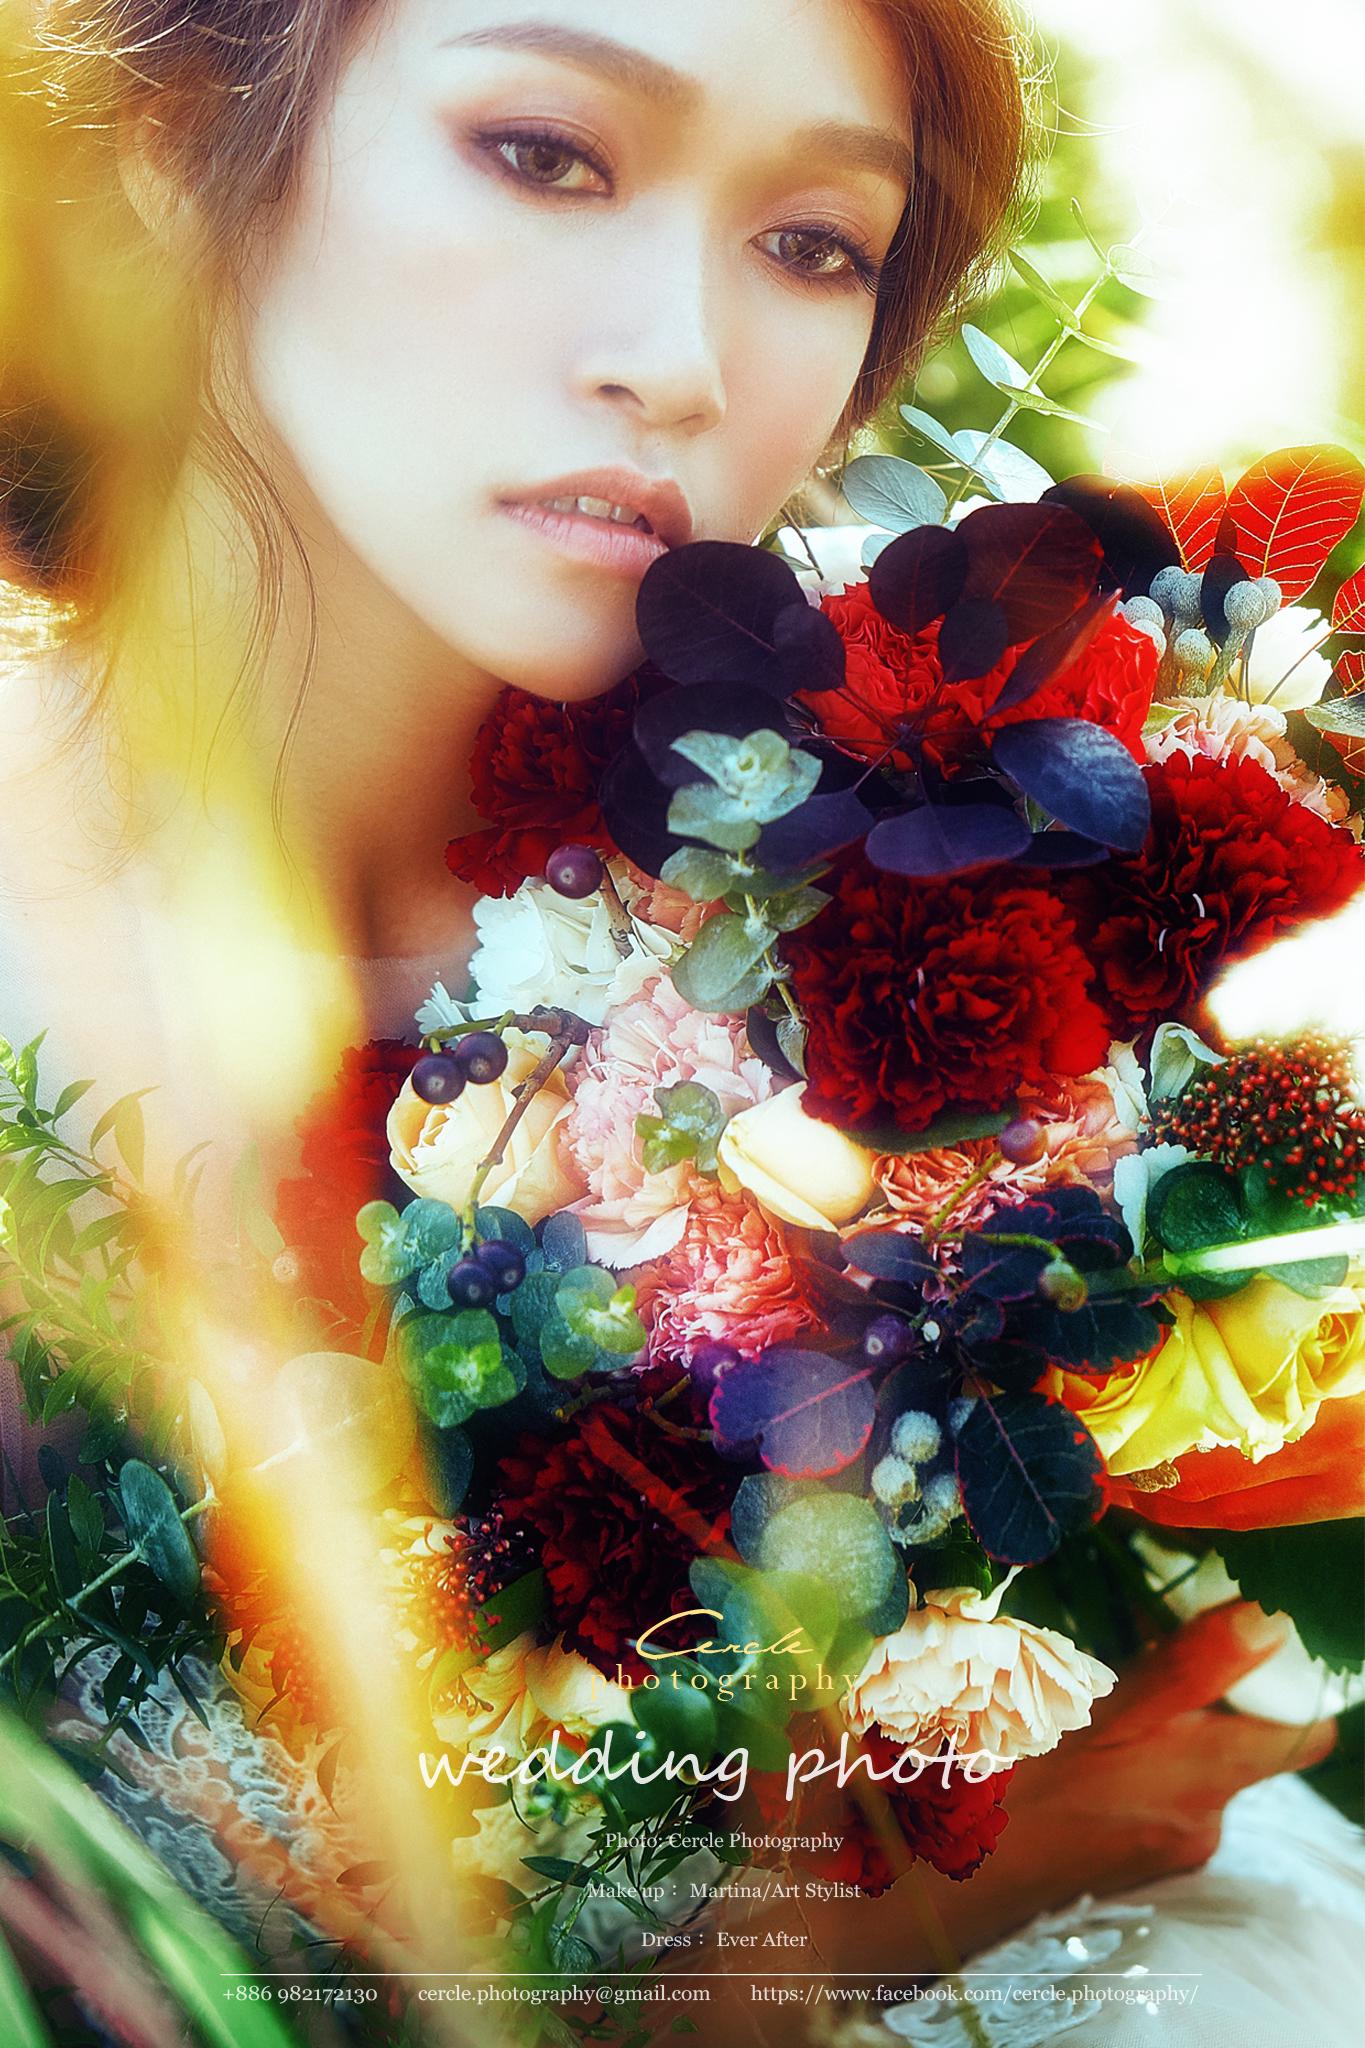 夢幻婚紗 古典油畫 復古婚紗 台南婚紗 自助婚紗 海邊婚紗